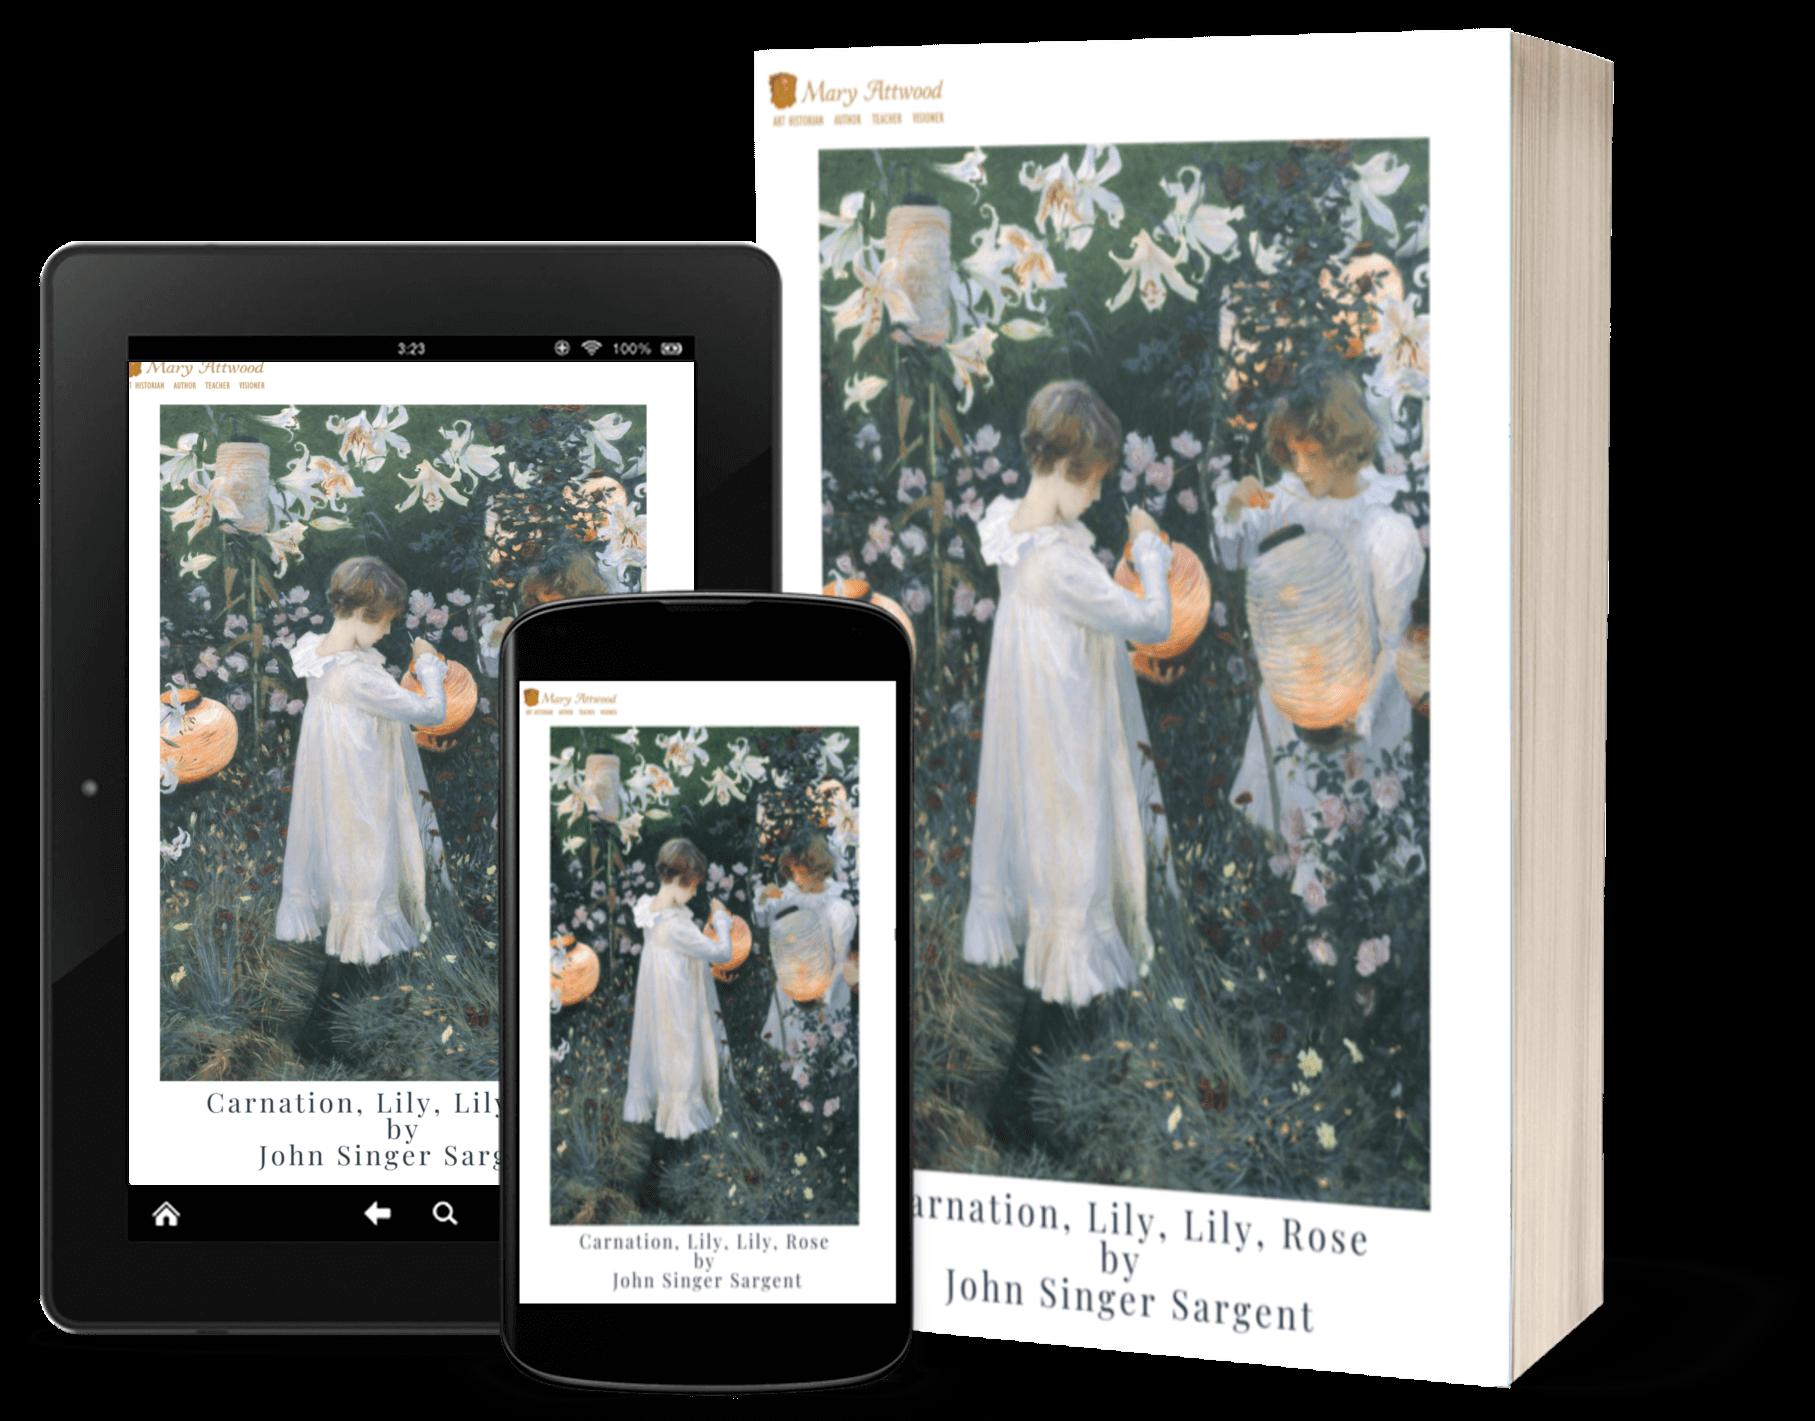 Carnation, Lily, Lily, Rose Singer Sargent